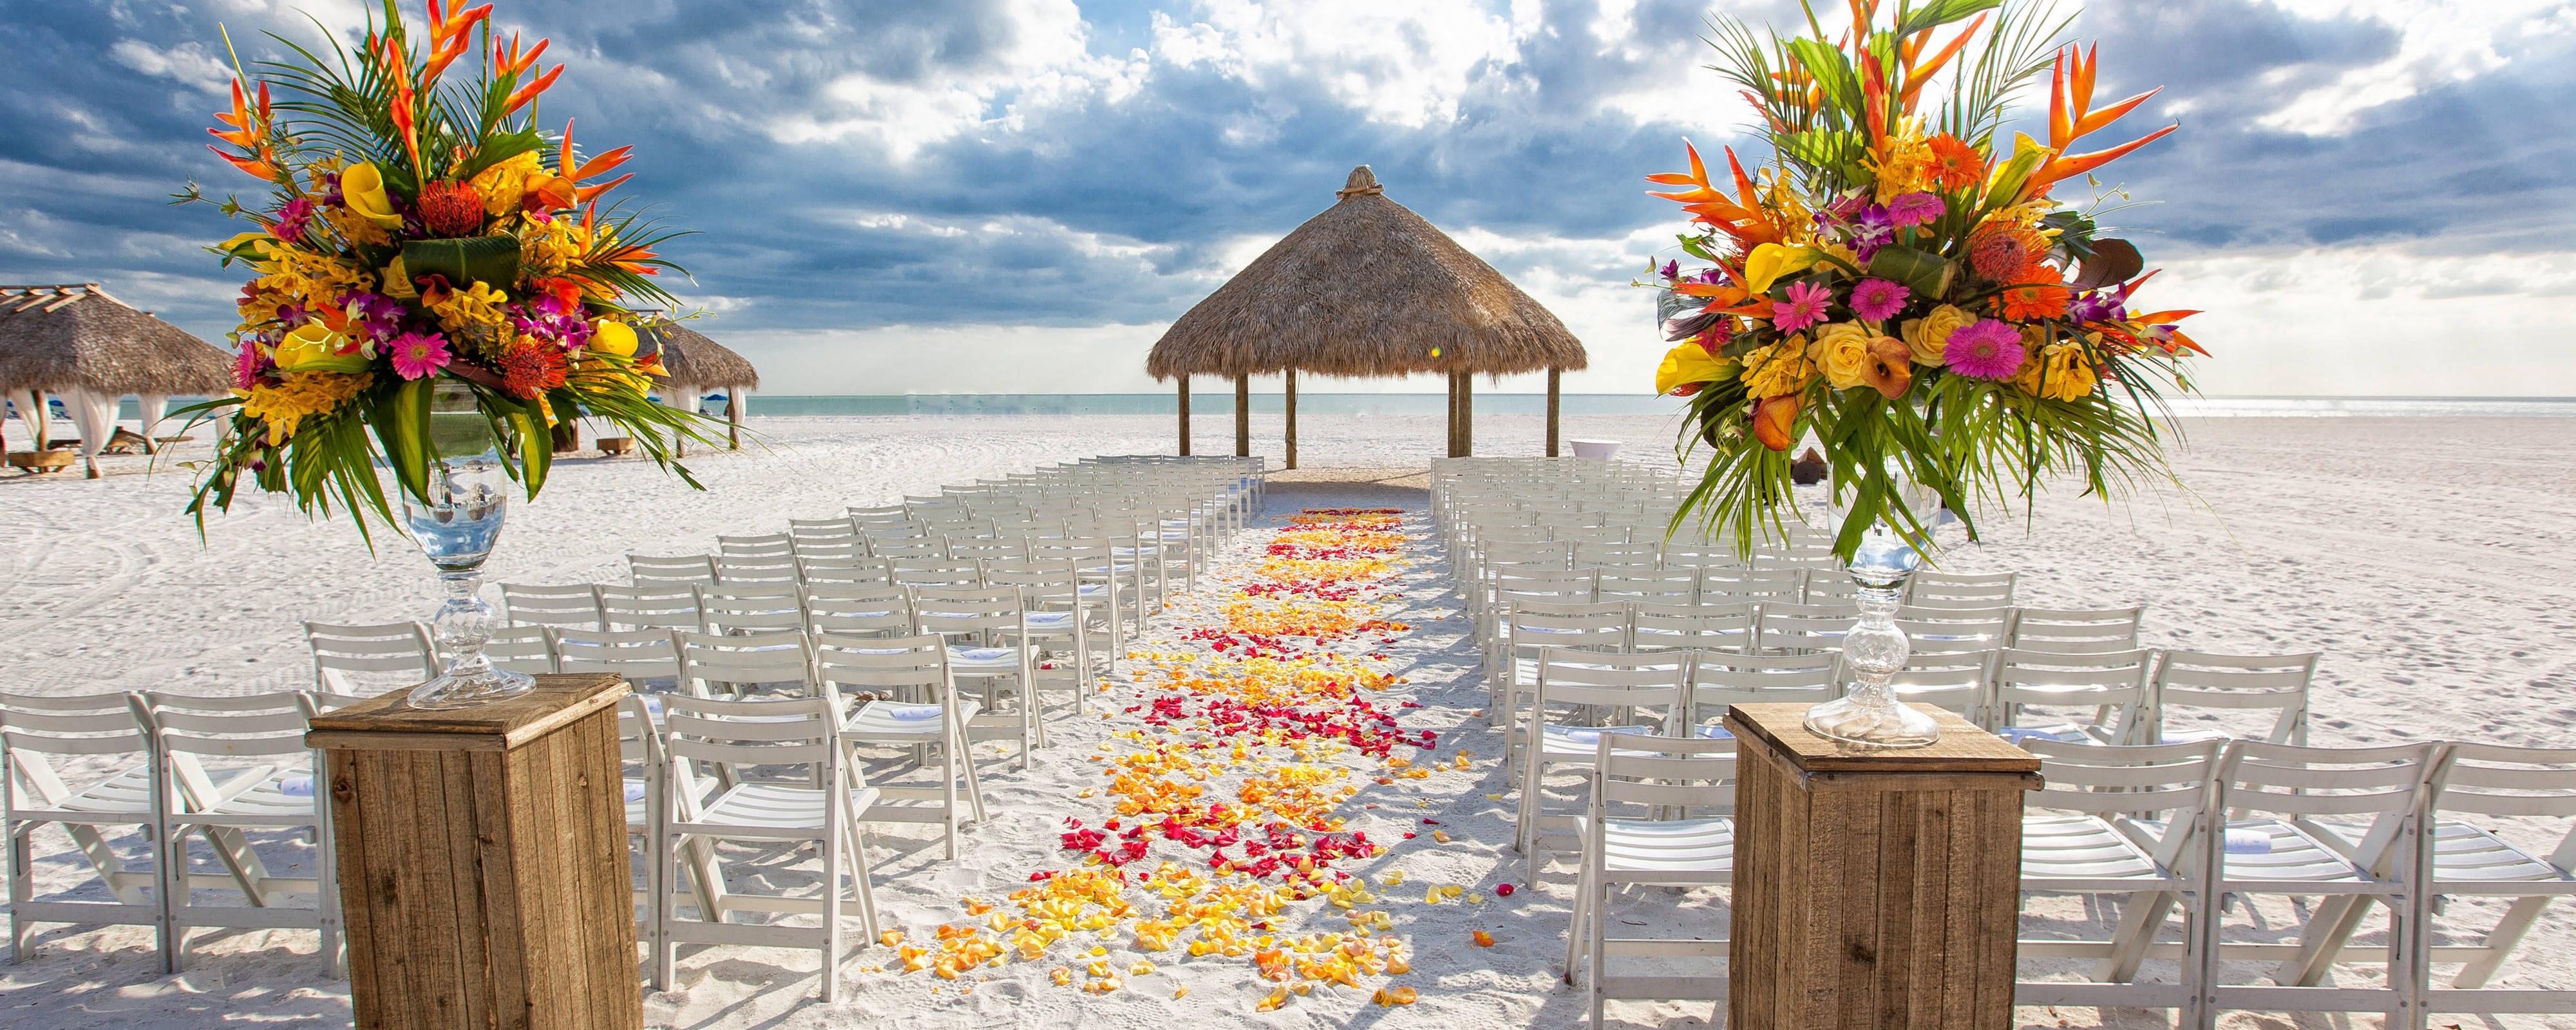 Marco Island Beach Wedding Venue